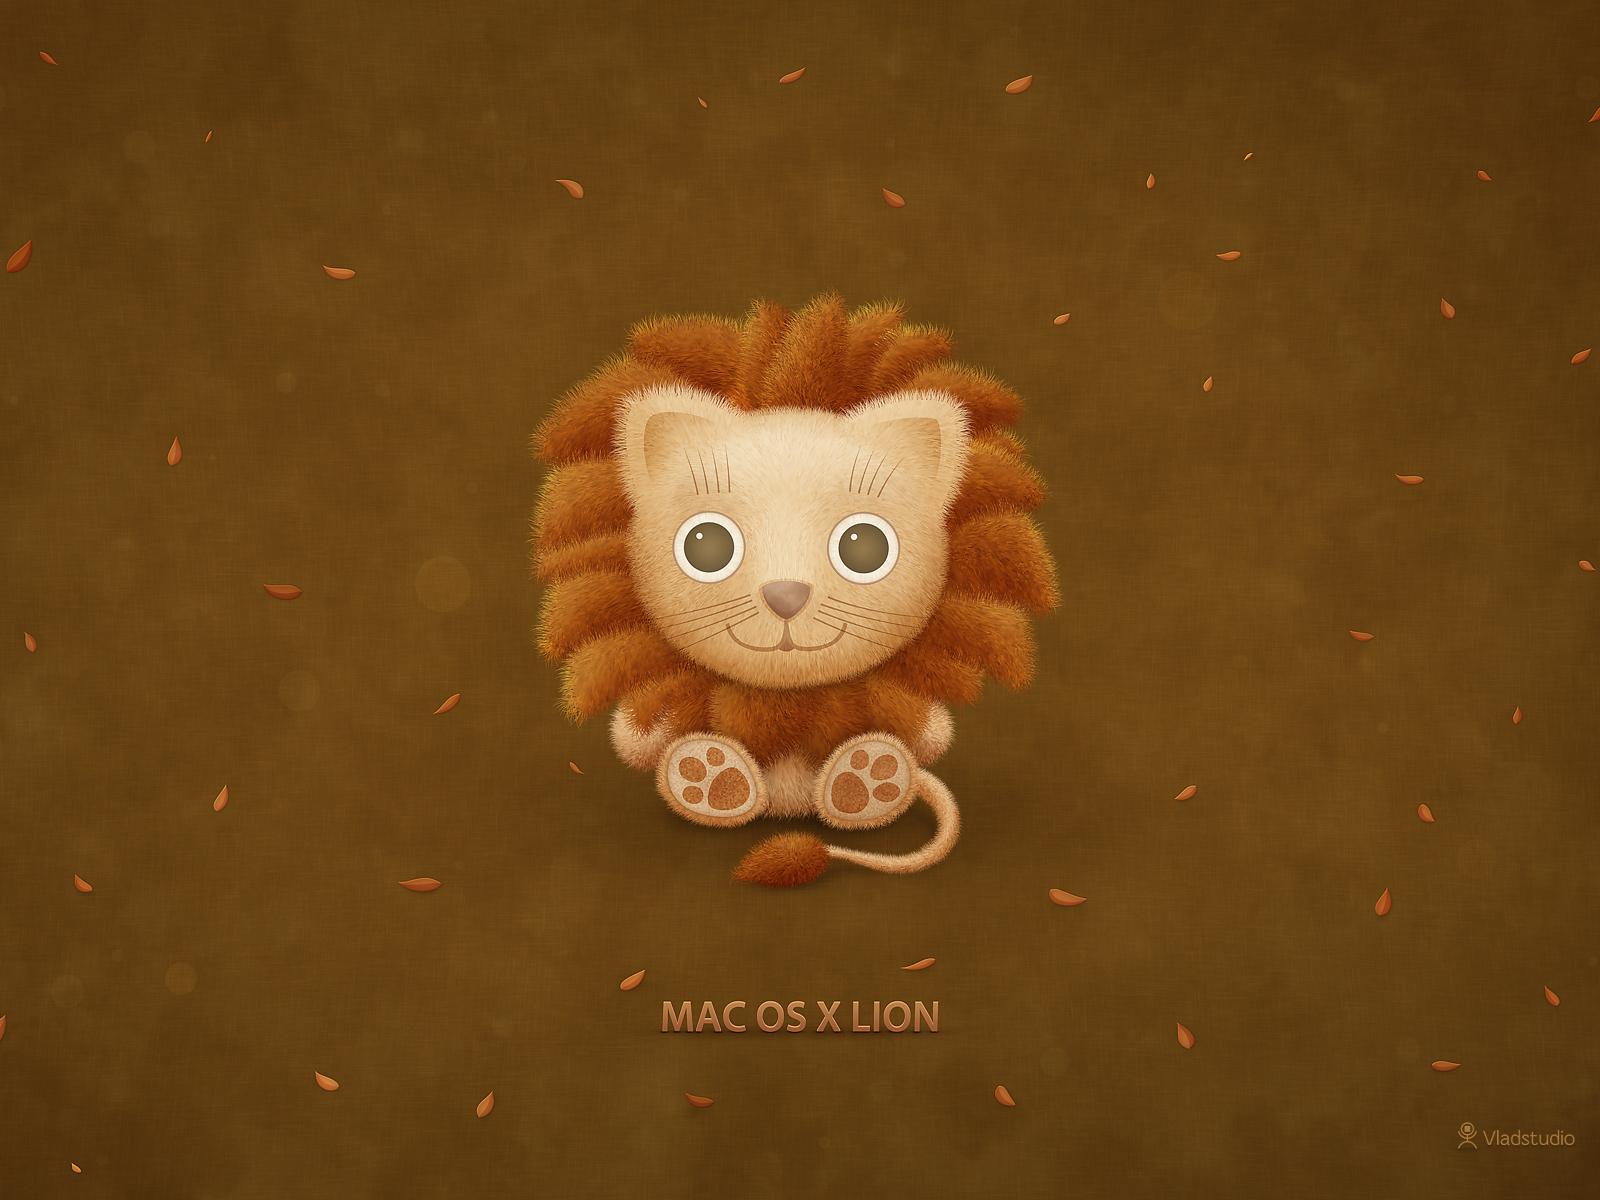 http://2.bp.blogspot.com/-d41f5snUQ-Q/Ti5rjMauWjI/AAAAAAAAAjg/OiHmvrYHxAU/s1600/mac_os_x_lion_wallpaper_by_vladstudio-d3km4oo.jpg